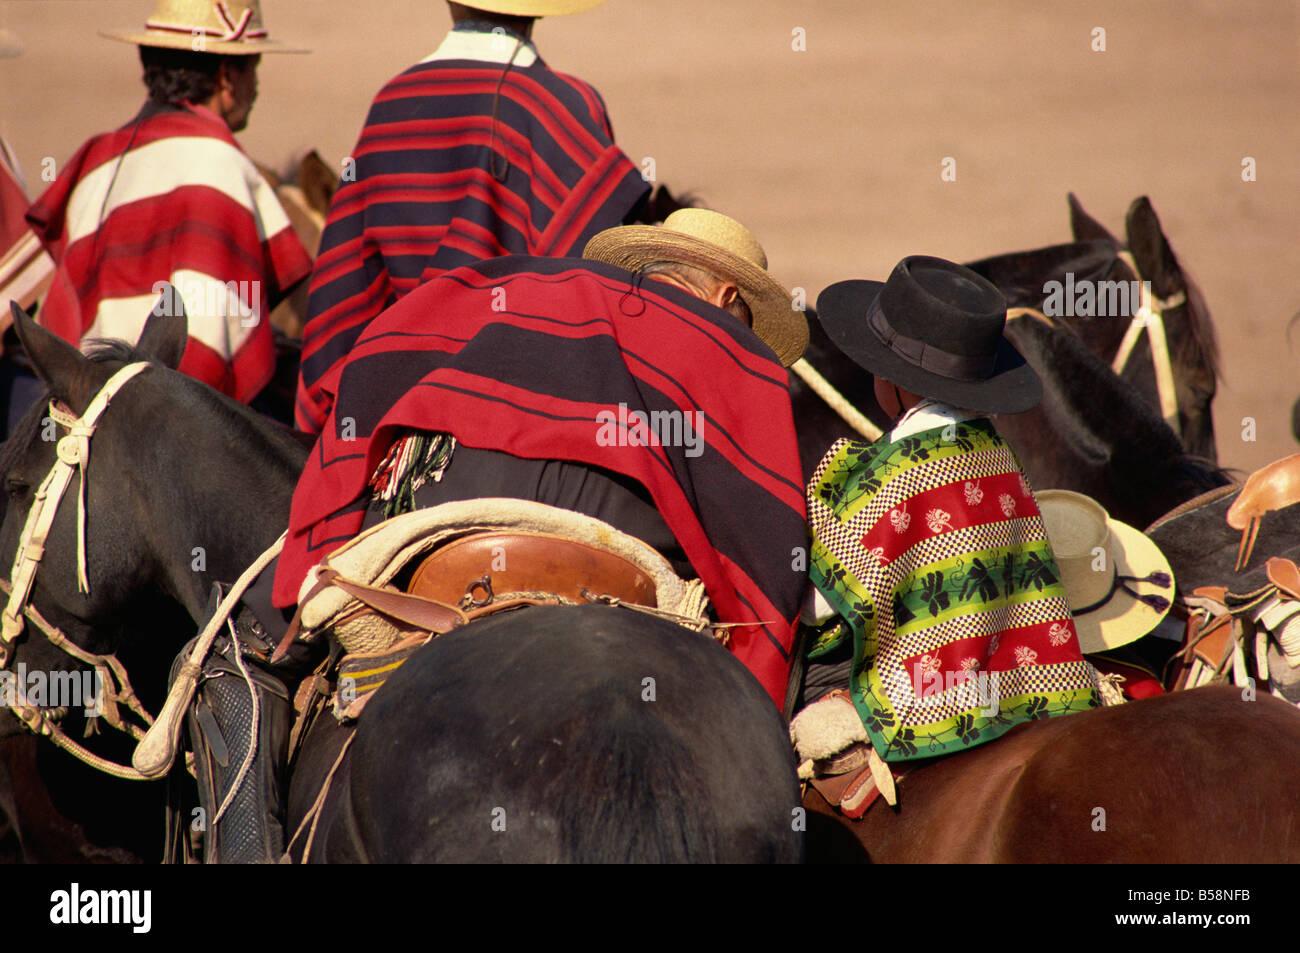 Fahrer bei der Fiesta de Cuasimodo, ein traditionelles Fest eine Woche nach Ostern, Santiago, La Barnechea, Chile, Stockbild